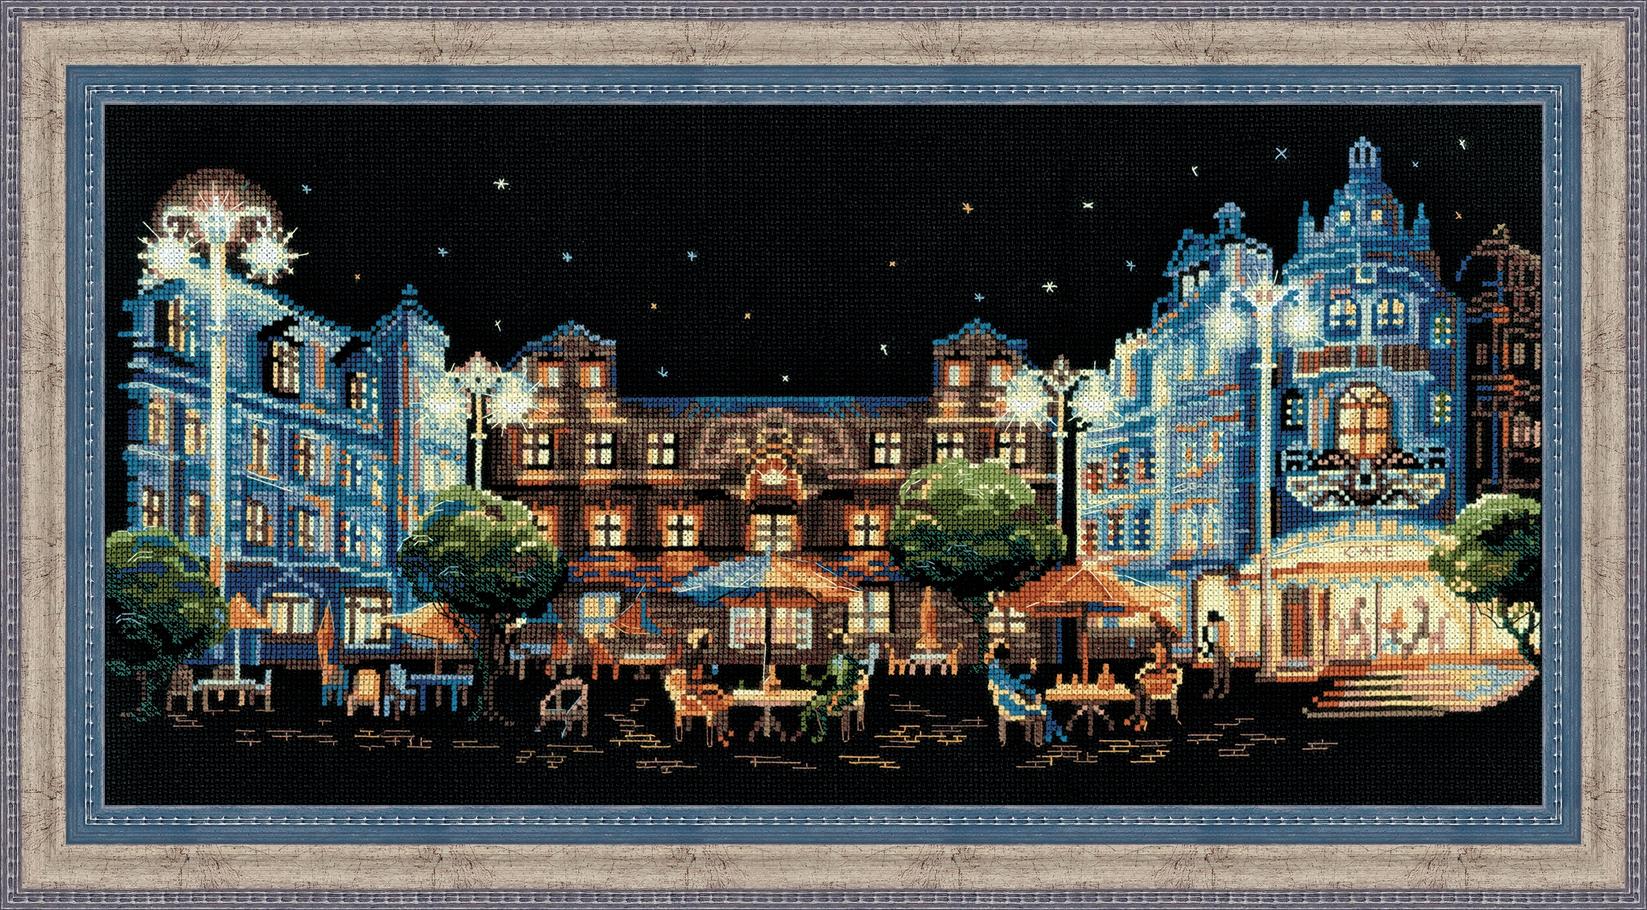 Набор для вышивания крестом Riolis Ночное кафе, 50 см х 25 см набор для вышивания крестом riolis белочки 25 x 25 см 1491